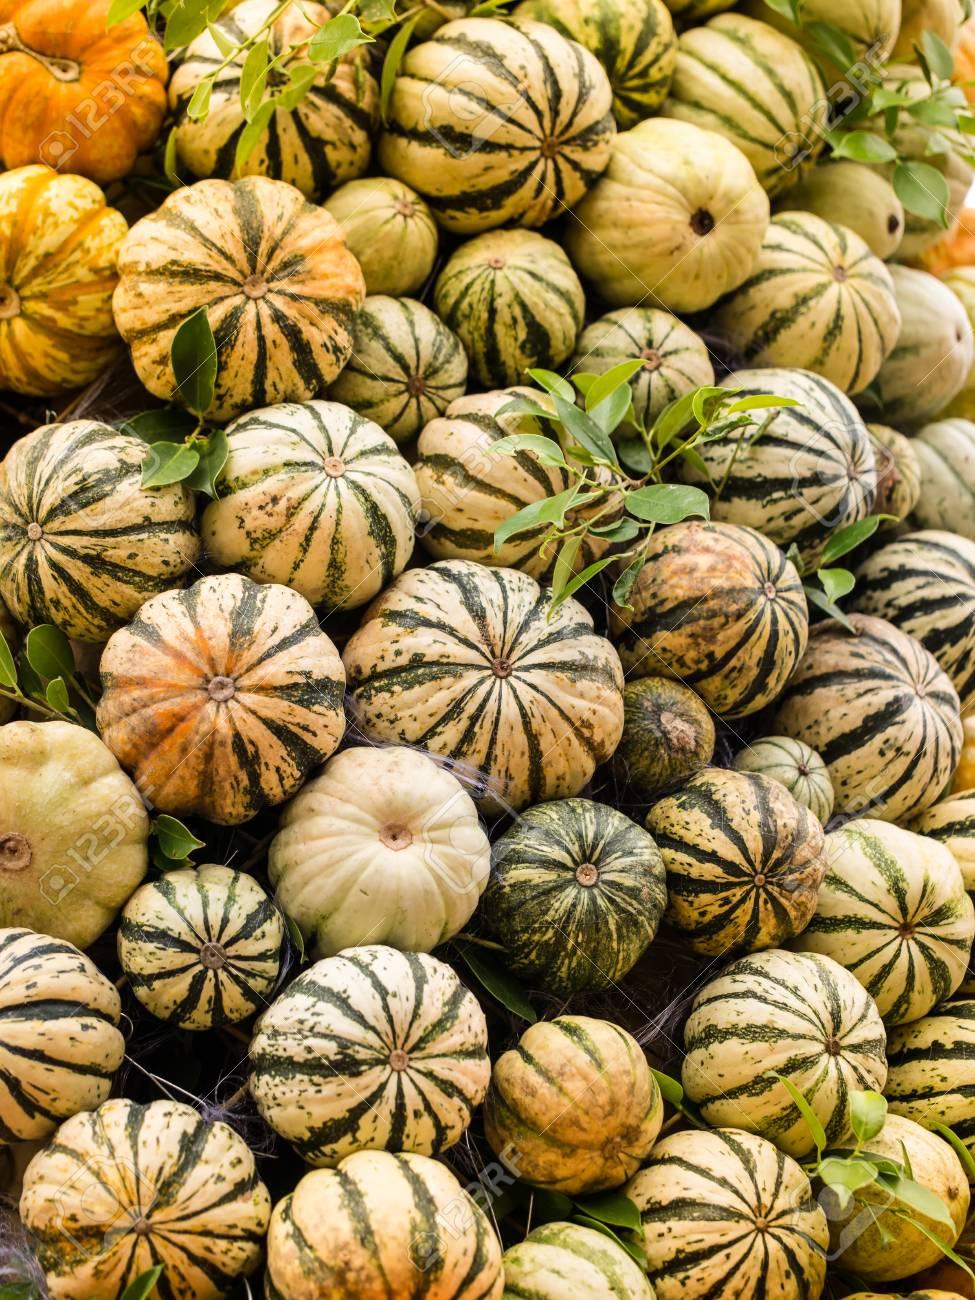 A Bunch Of Pumpkins At An Open Air Farmers Market Background